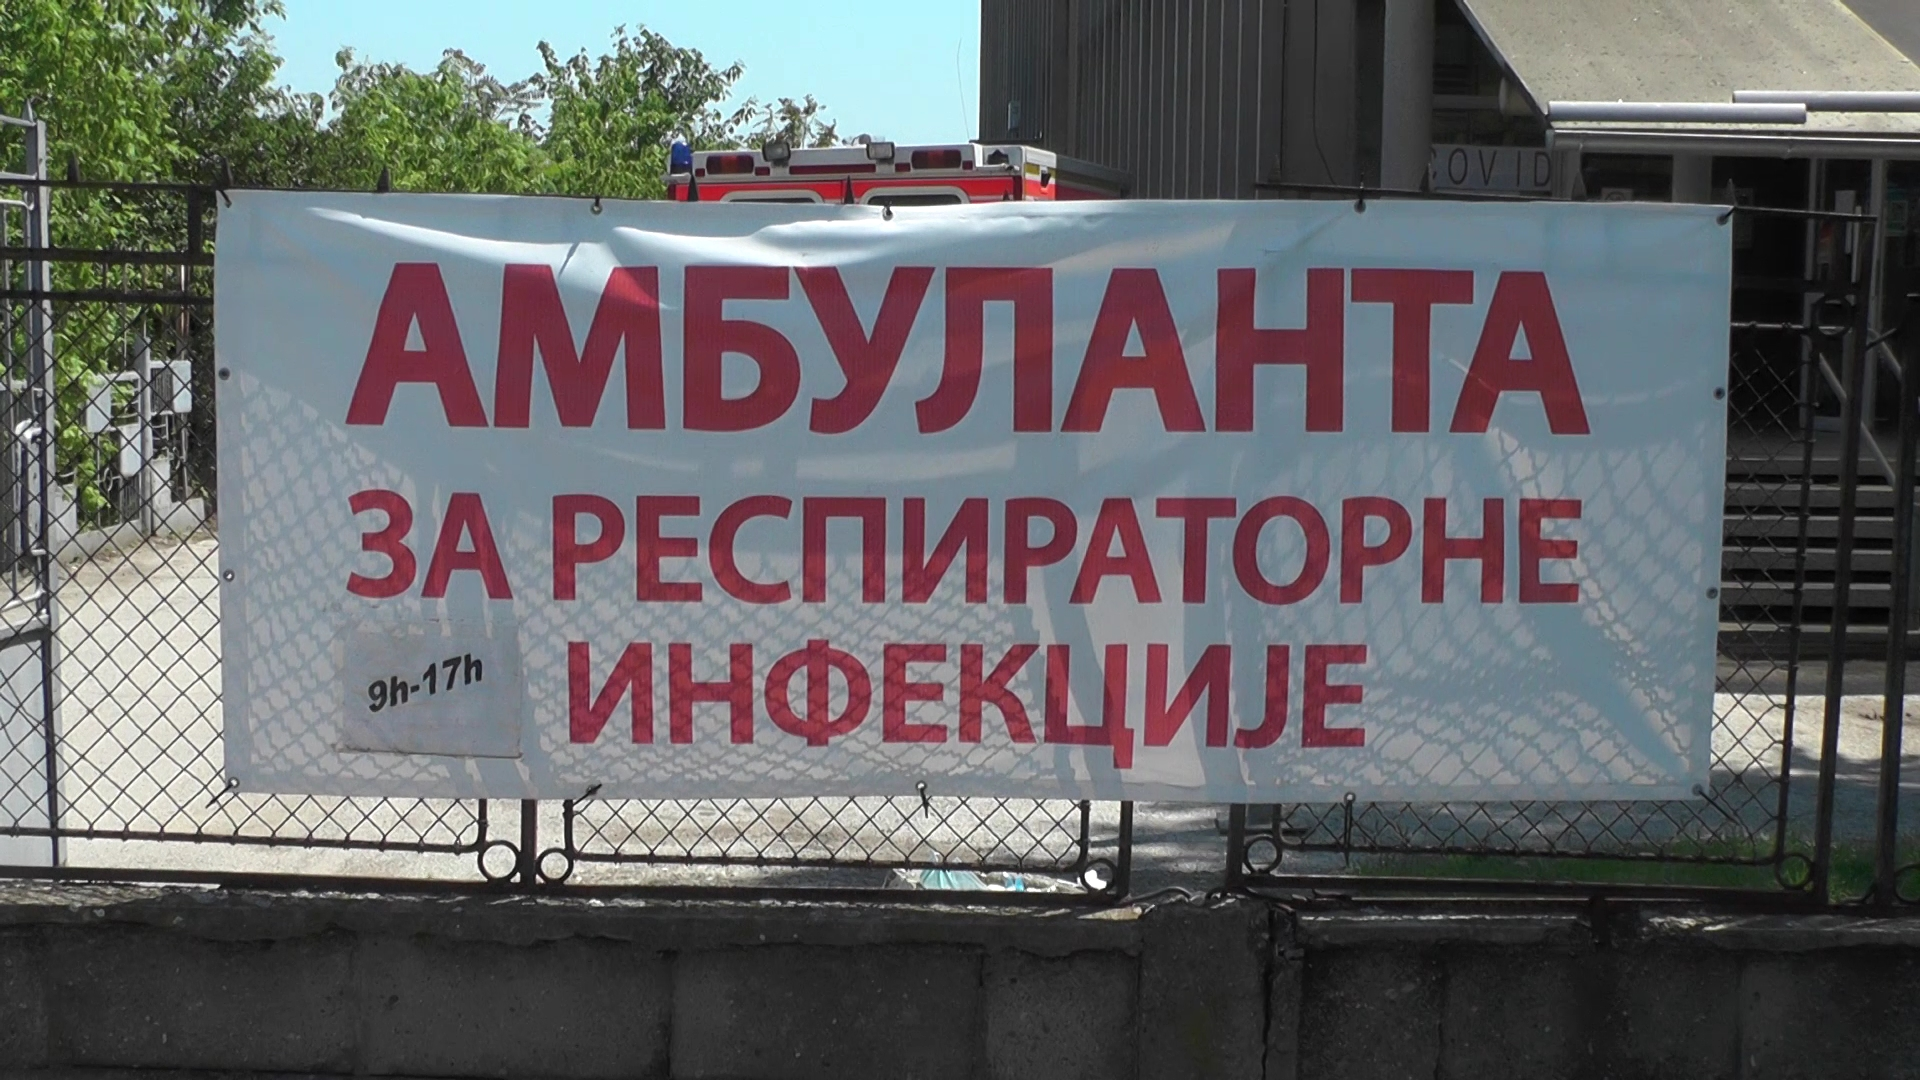 Zbog povećanog broja novozaraženih koronavirusuom, Kovid ambulanta u Kruševcu od juče ponovo radi od 7 do 20 sati